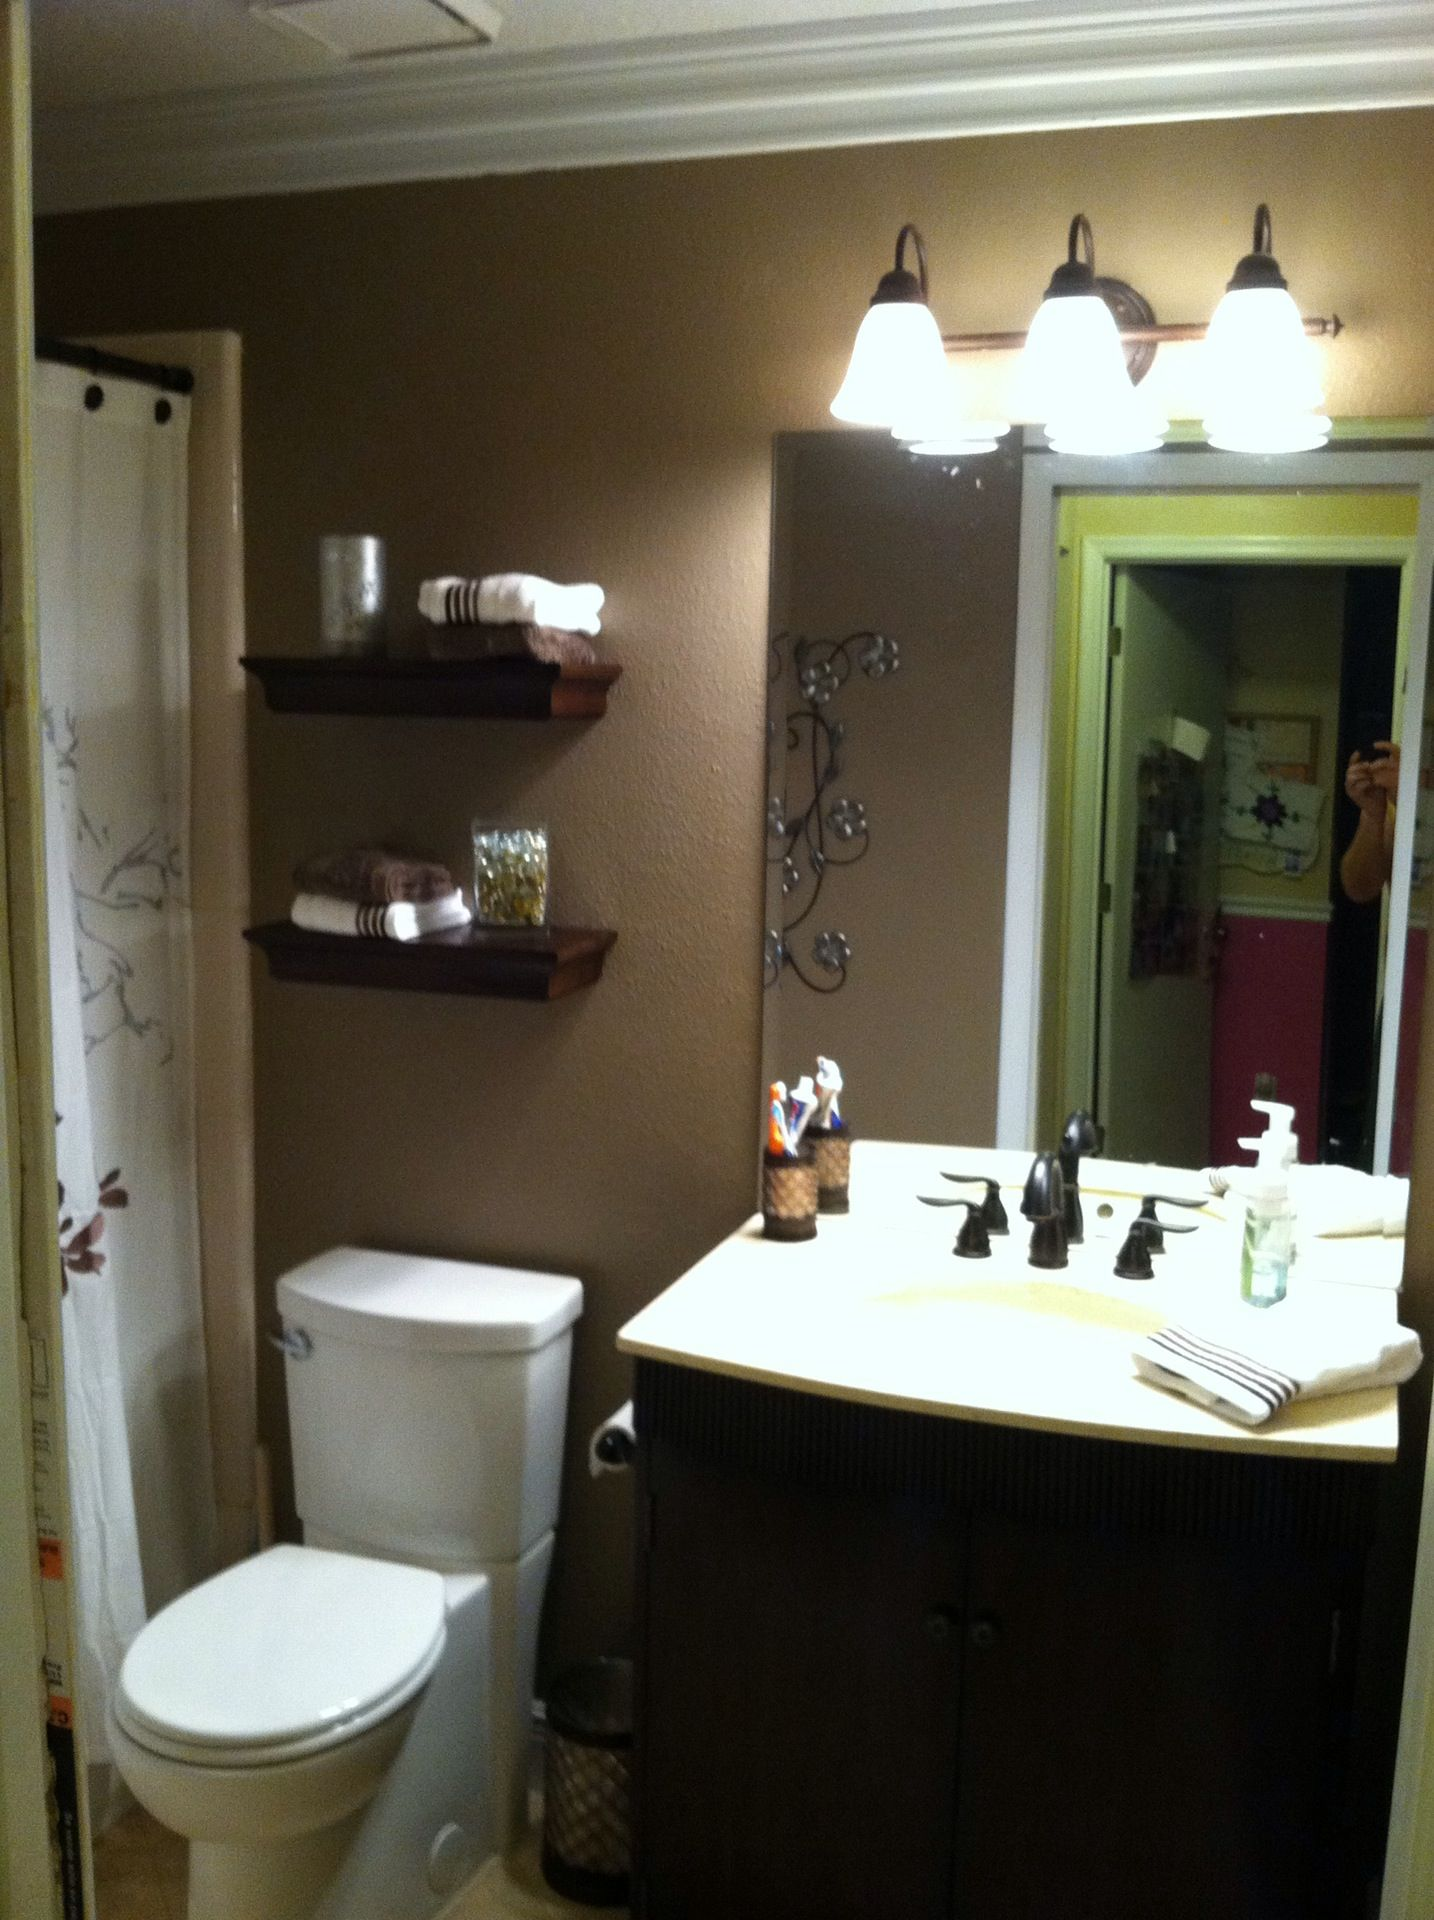 small bathroom remodel ideas Bathroom Ideas Pinterest on Small Space Small Bathroom Ideas Pinterest id=67830